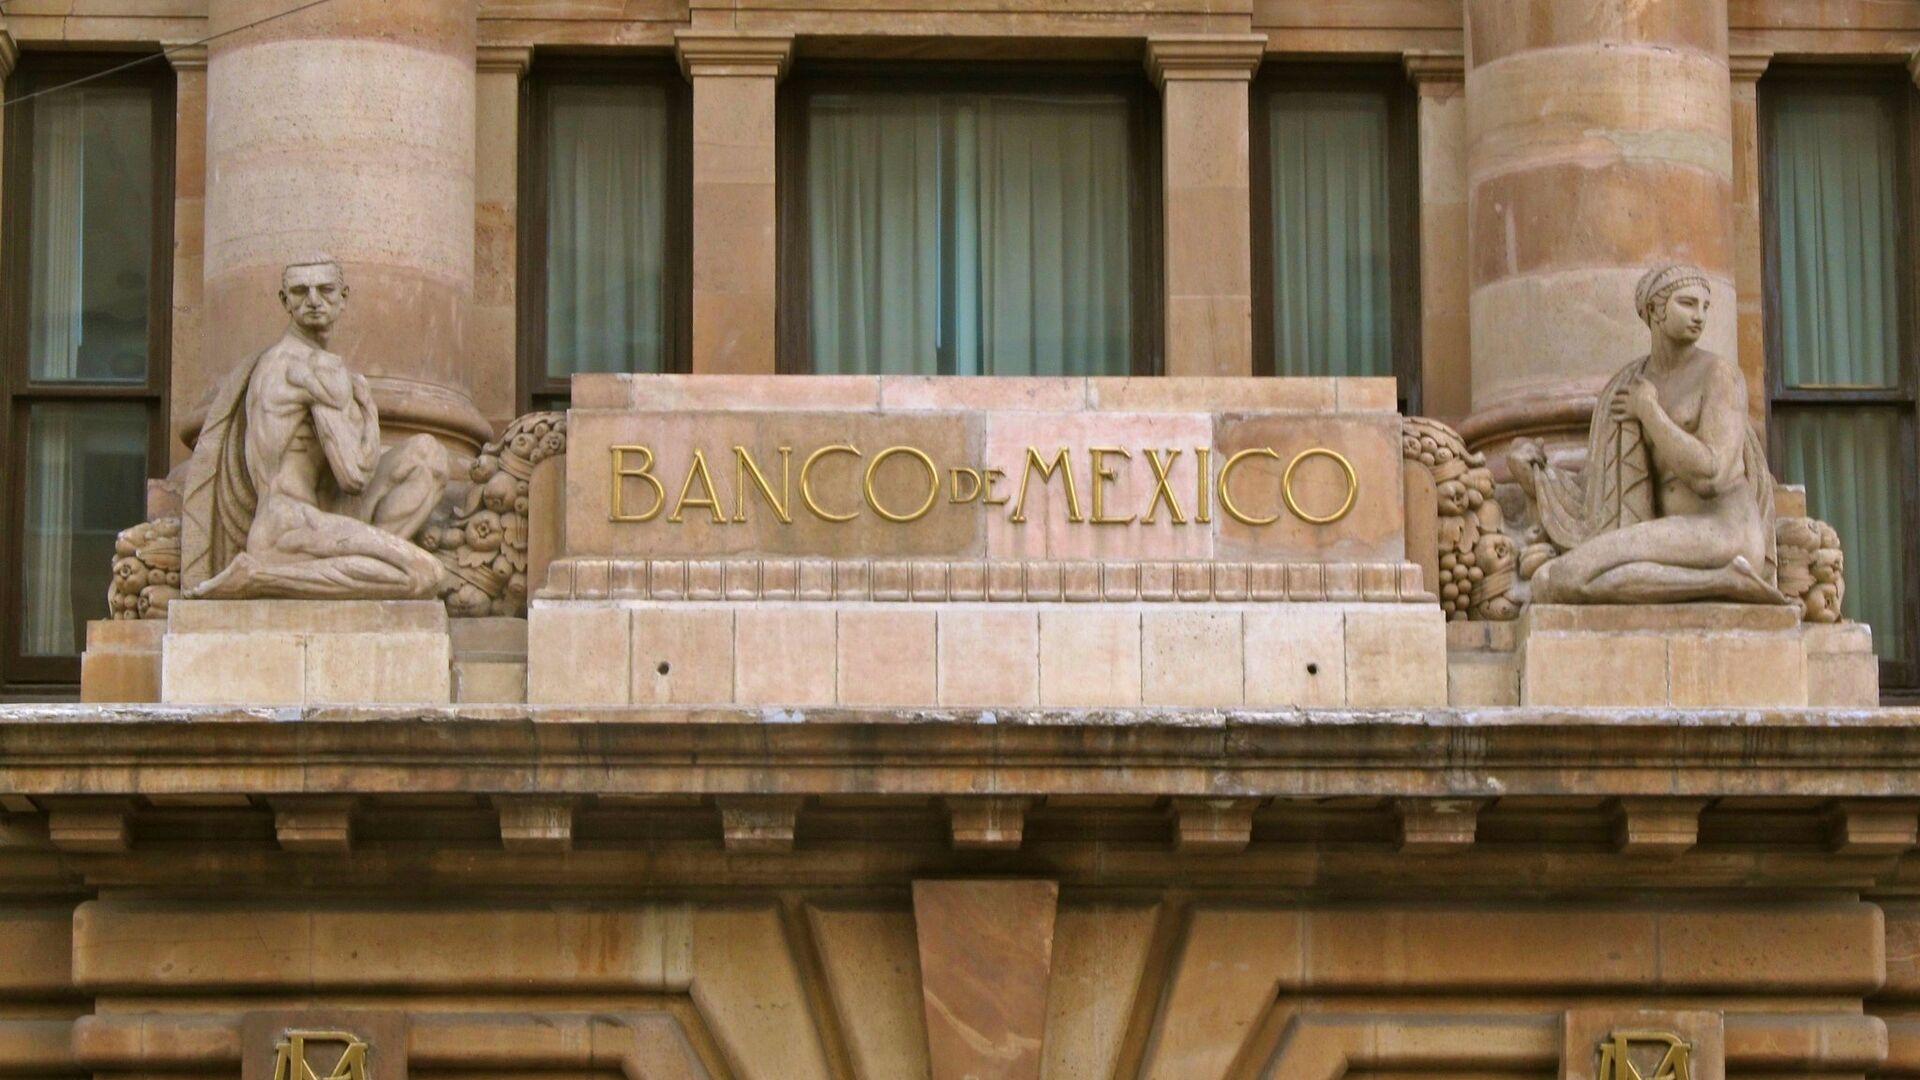 La fachada del Banco de México - Sputnik Mundo, 1920, 09.06.2021